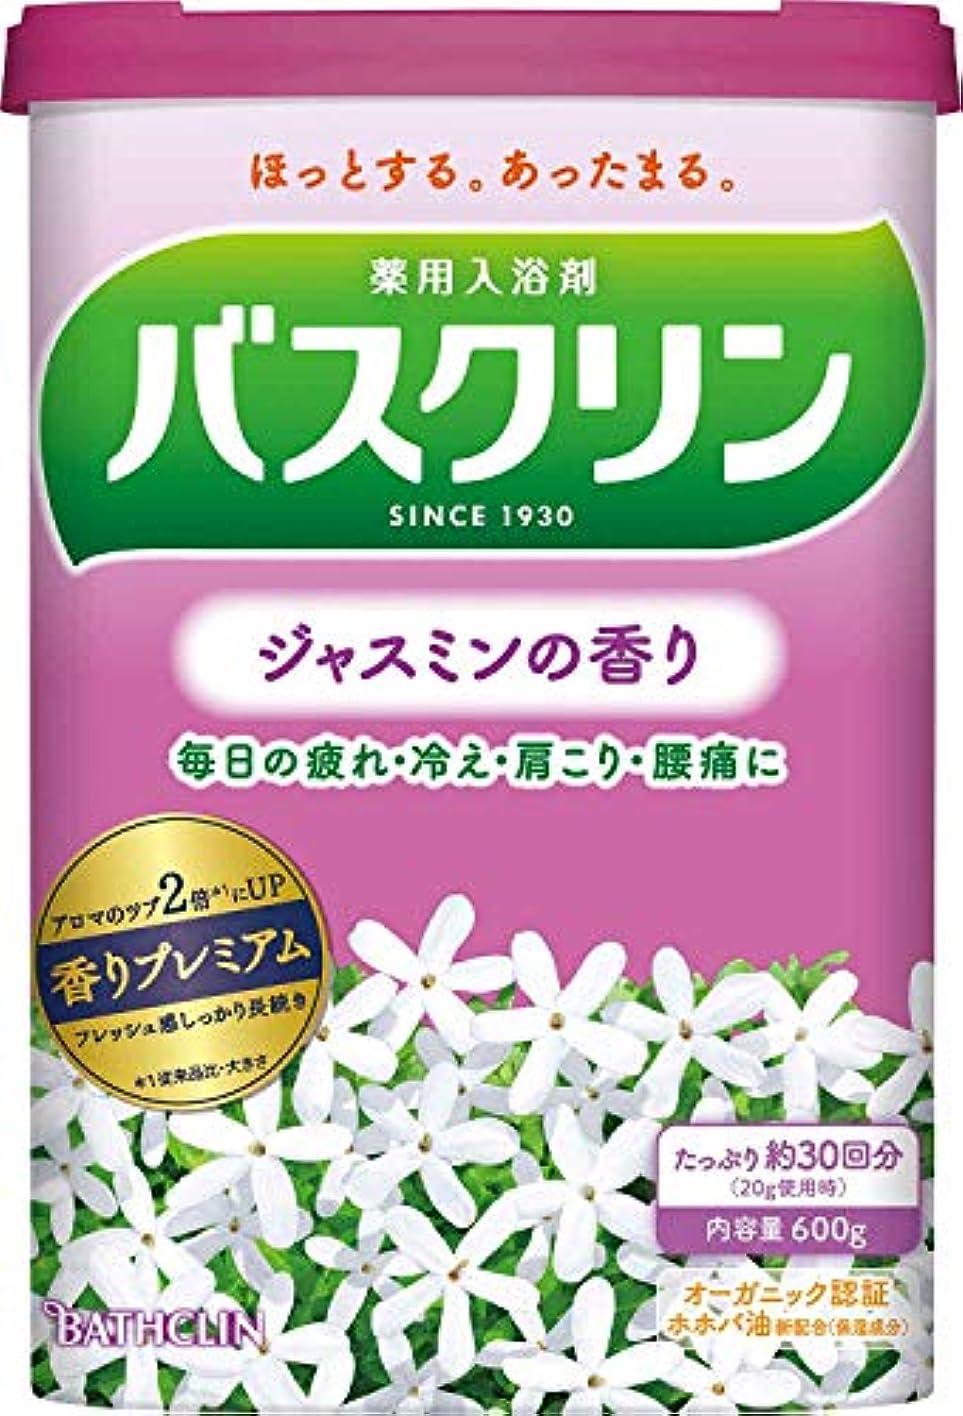 緑しなやかな堀【医薬部外品】バスクリン入浴剤 ジャスミンの香り600g(約30回分) 疲労回復